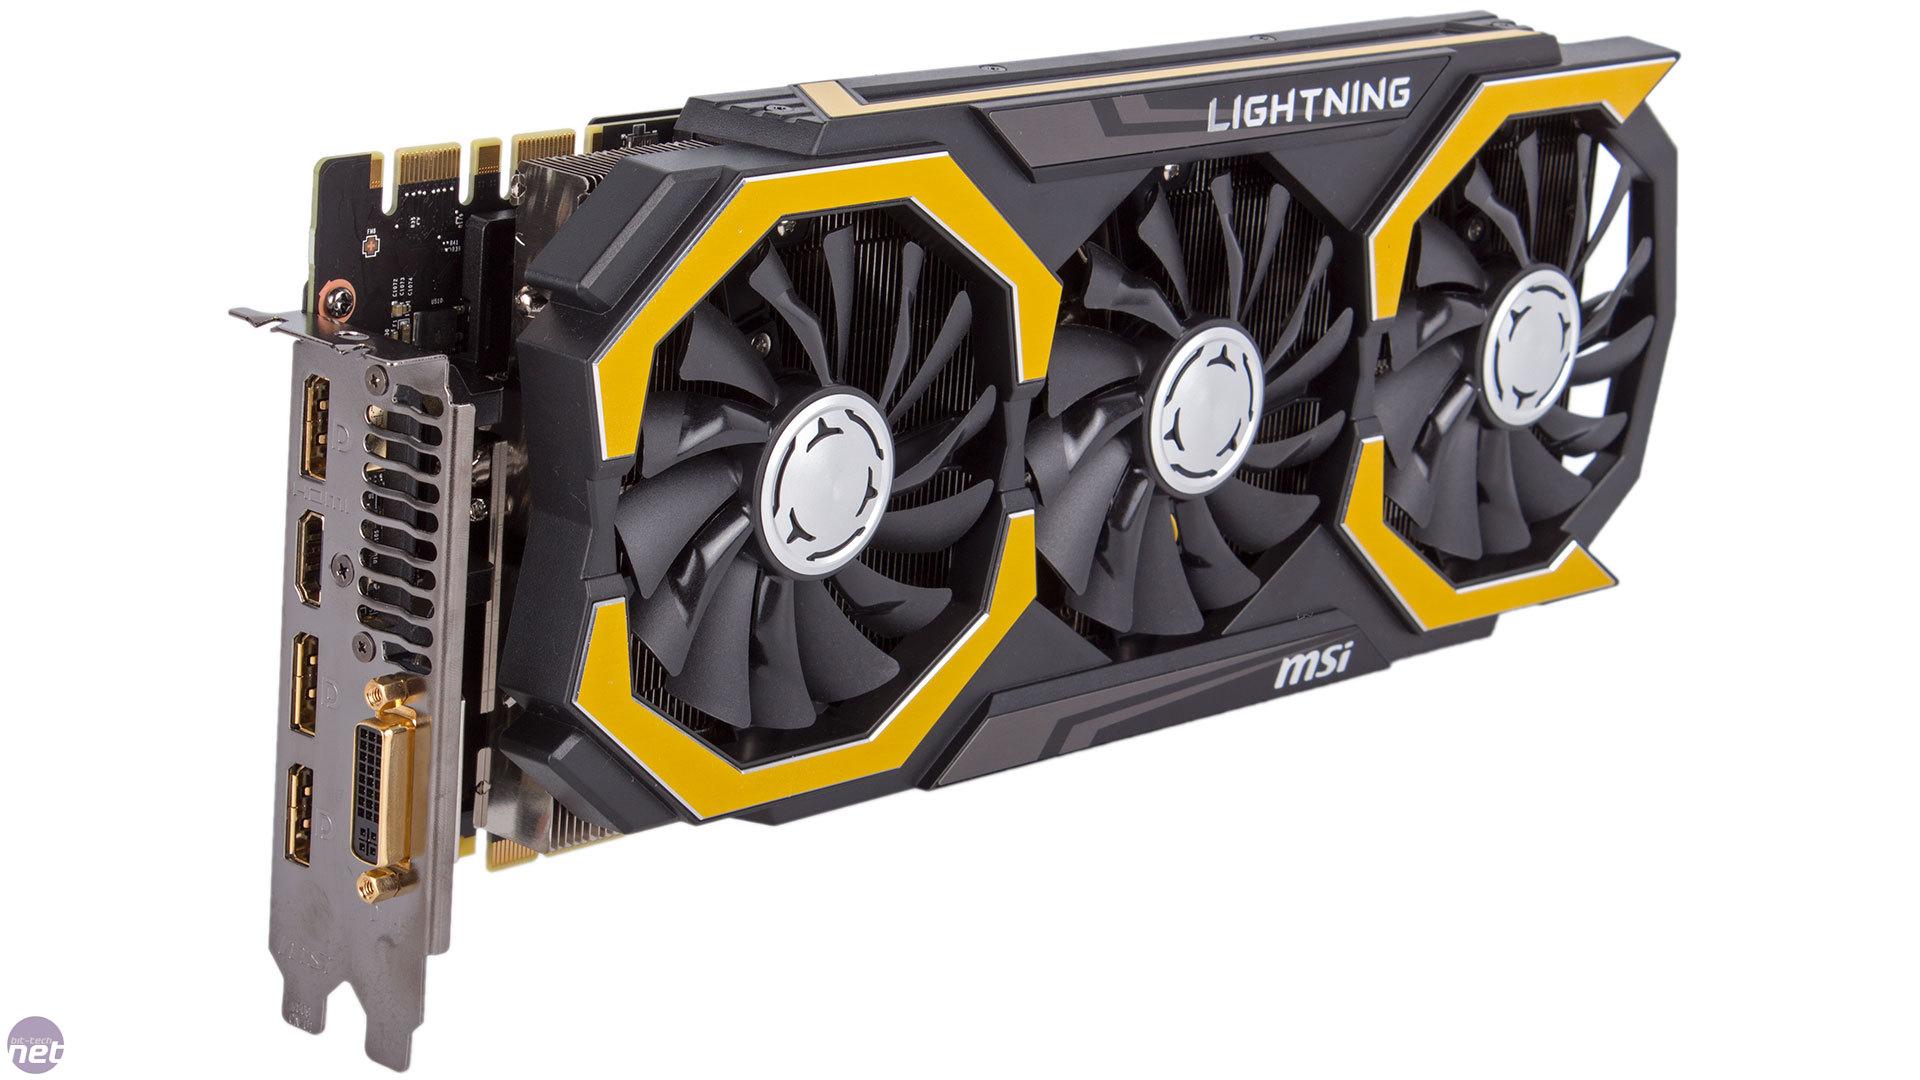 MSI GeForce GTX 980 Ti Lightning Review | bit-tech net